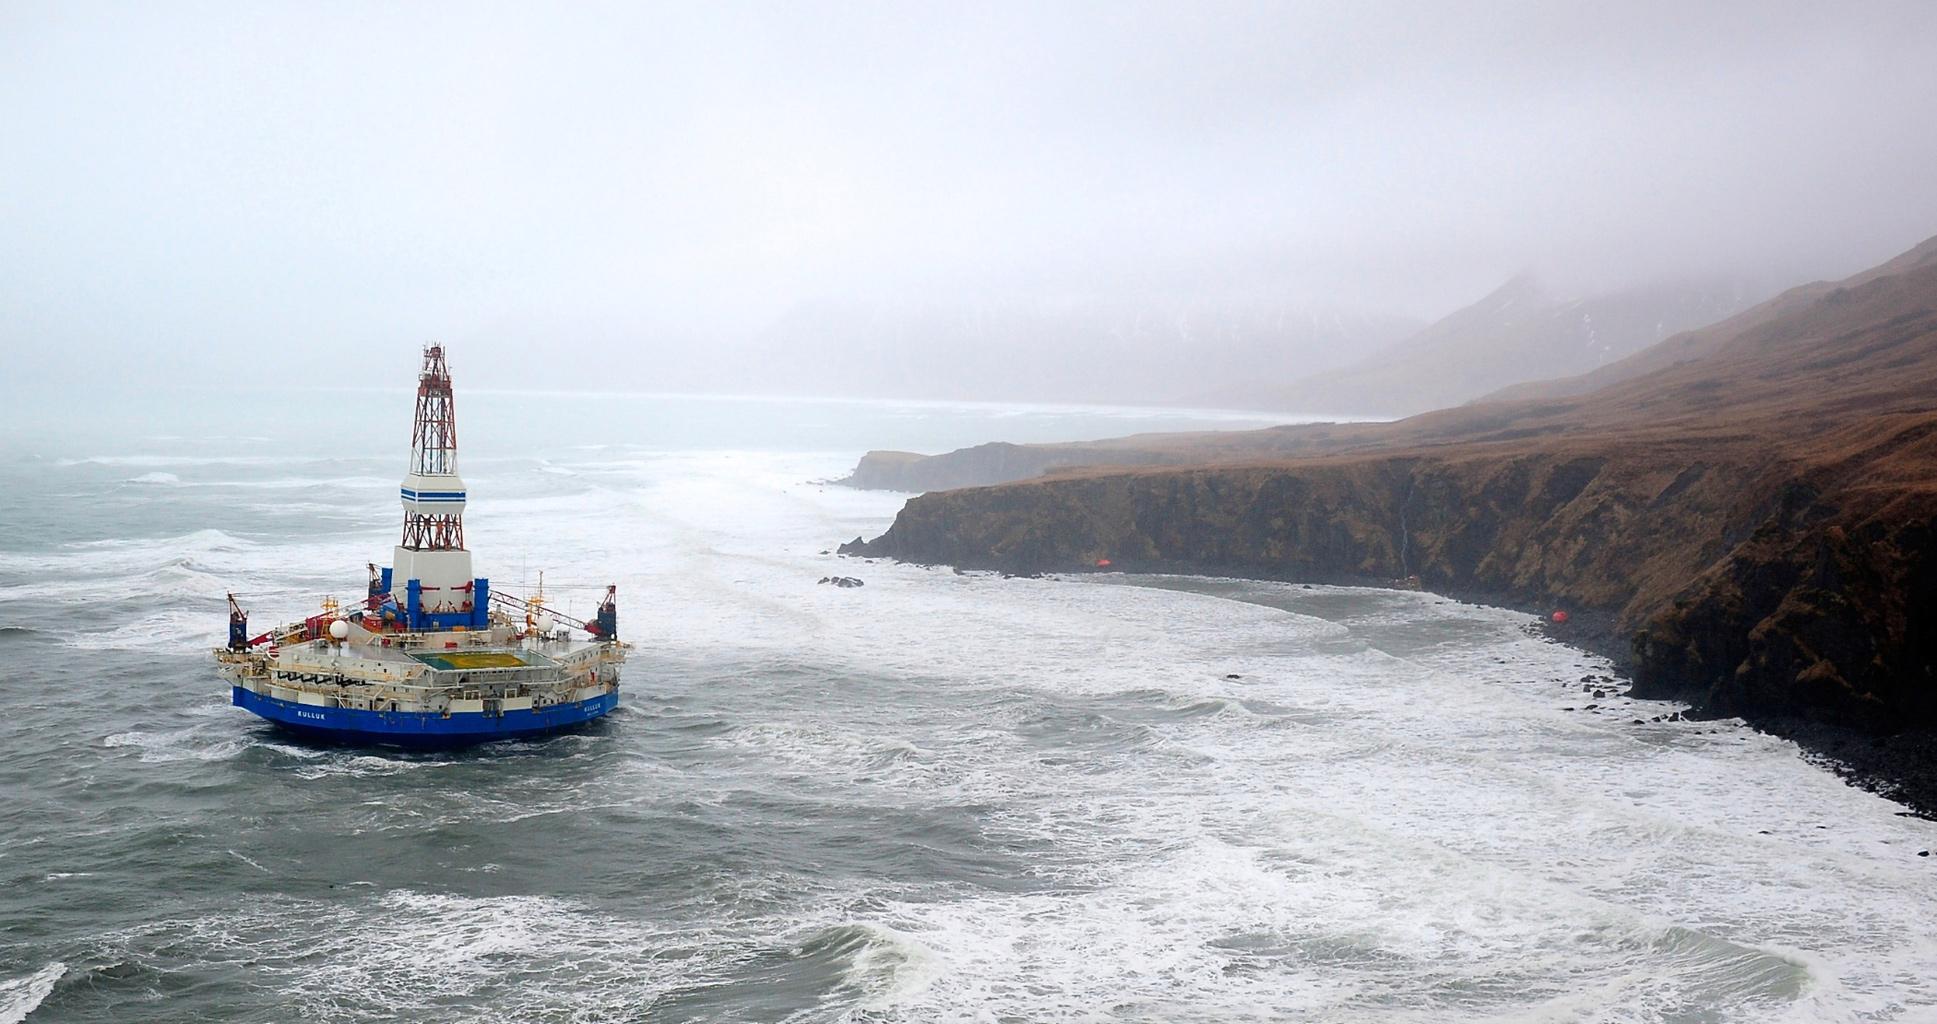 Le spectaculaire naufrage de Shell dans les mers de l'Arctique